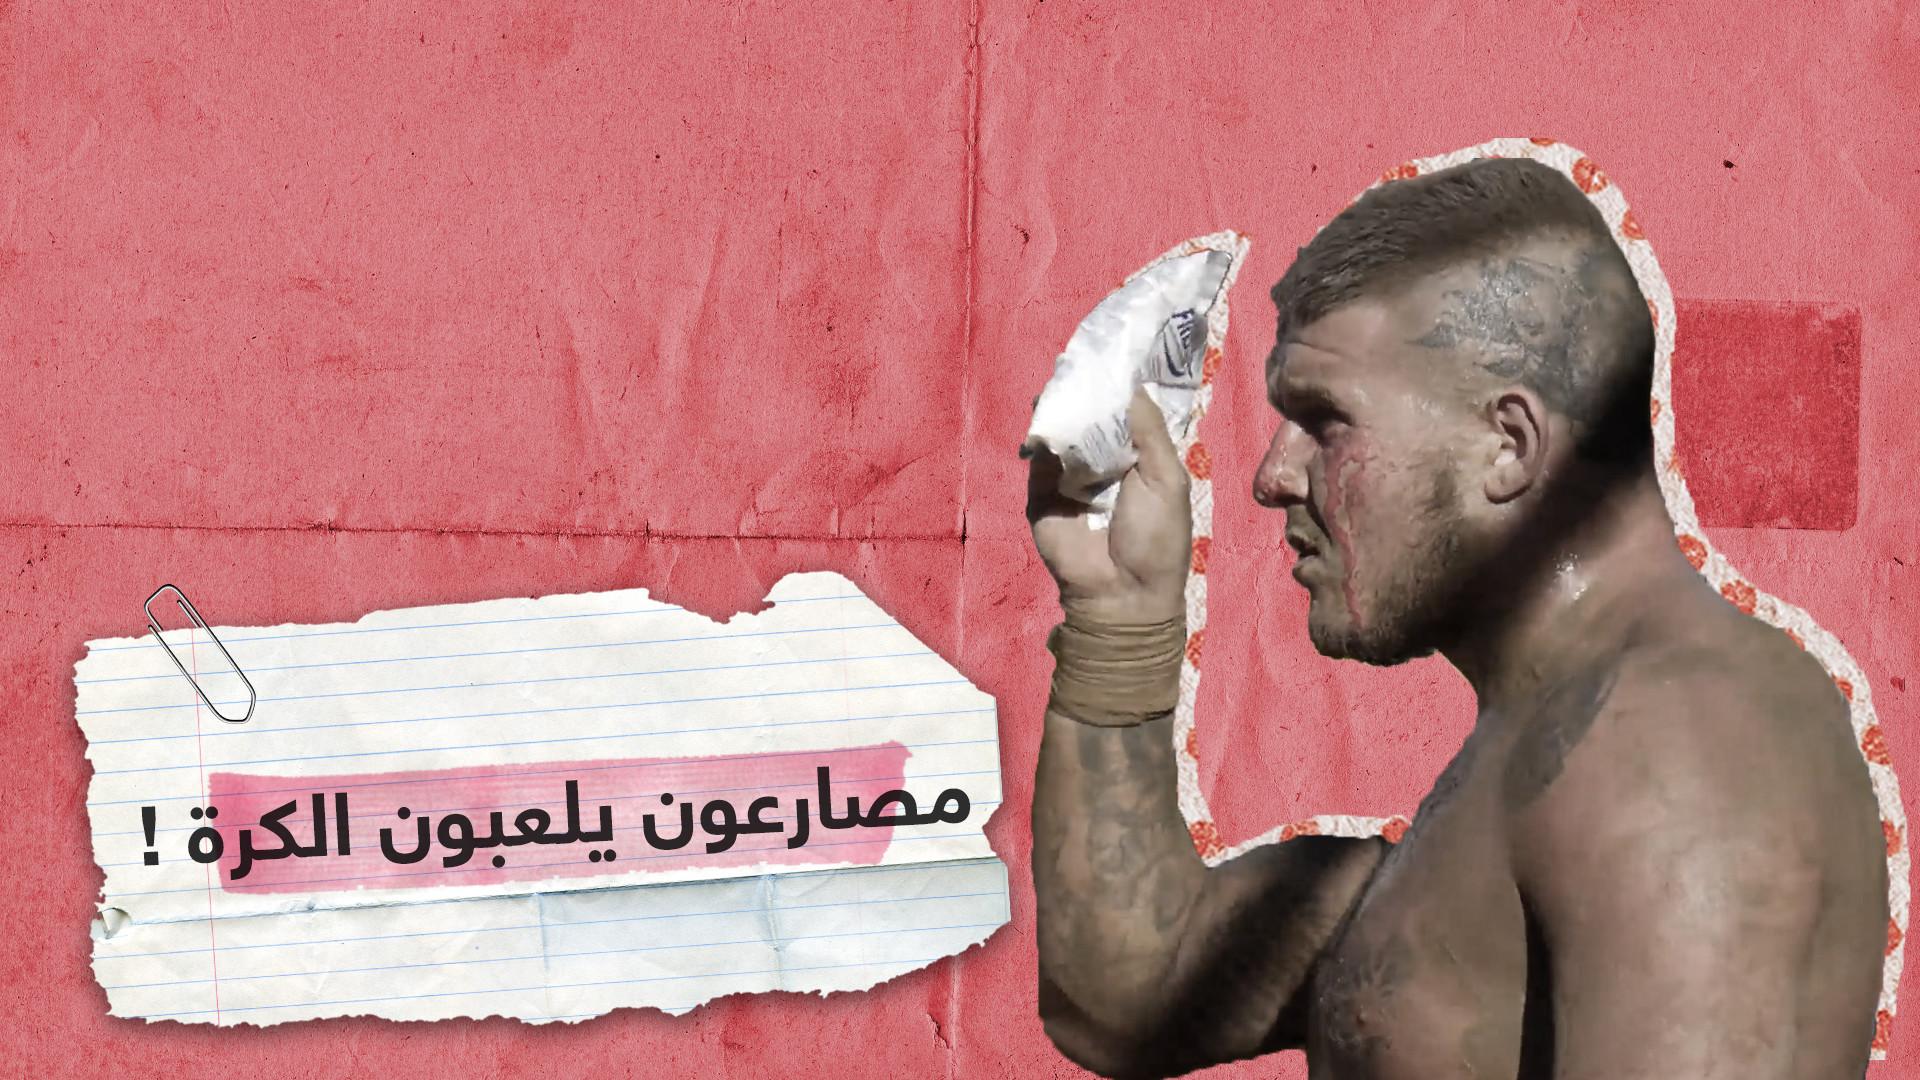 مصارعون يلعبون الكرة ولا قيود على العنف!